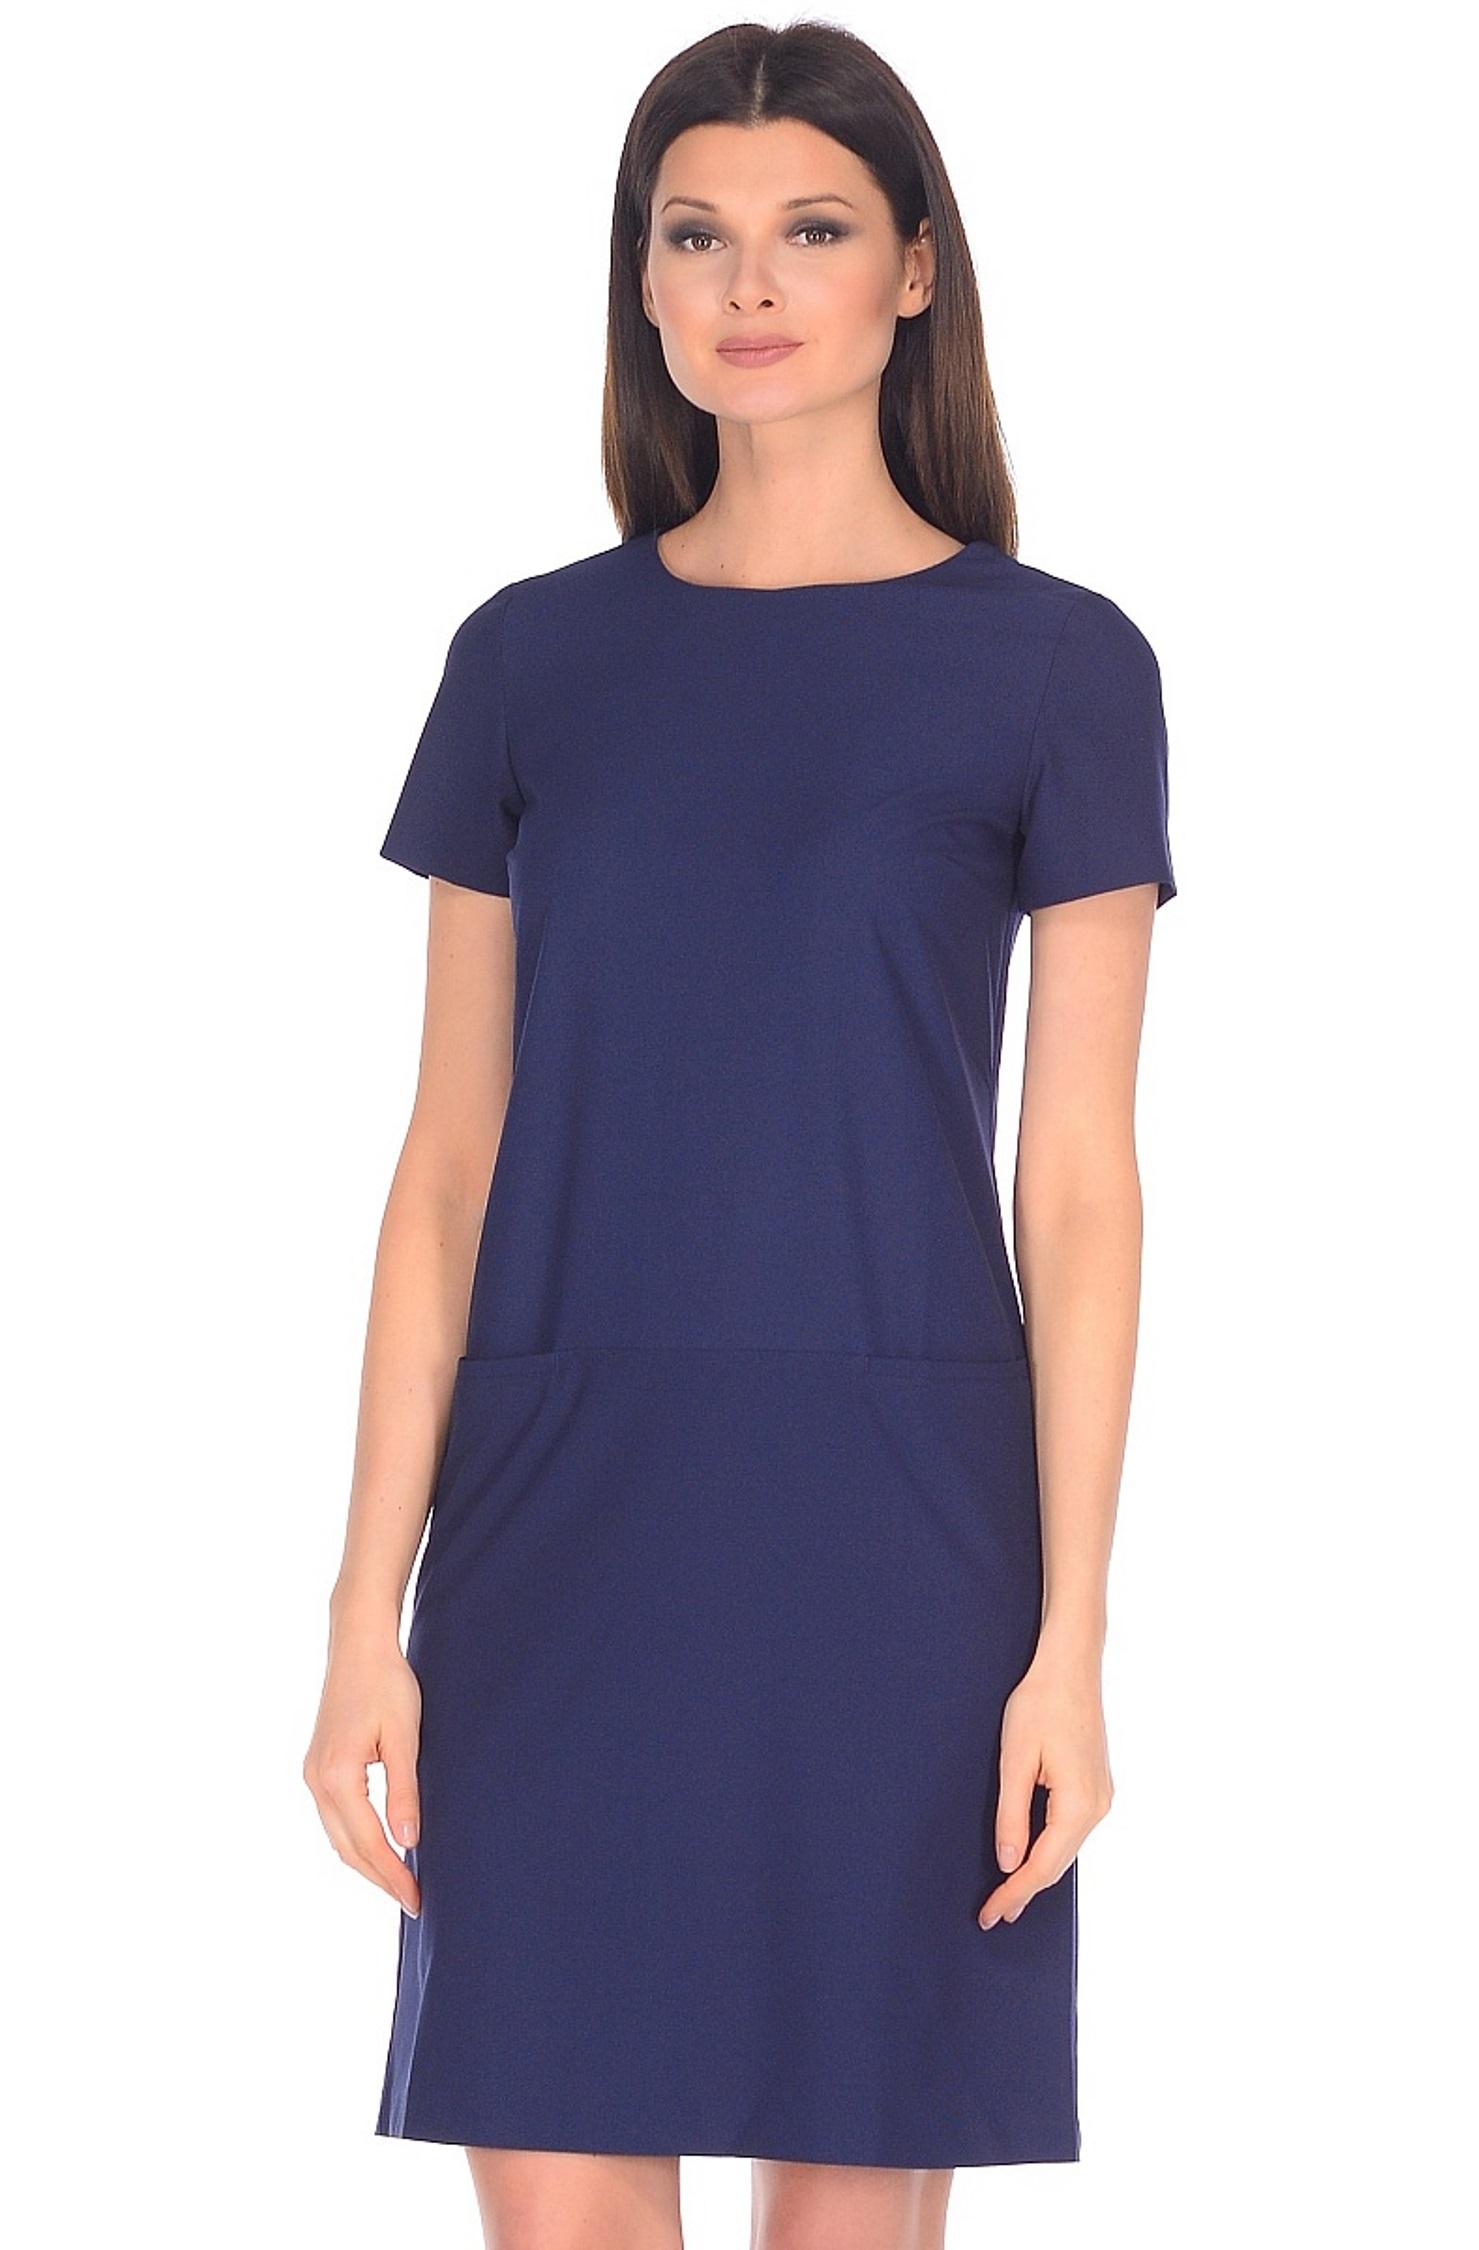 Платье женское из текстиля, МОСМЕХА